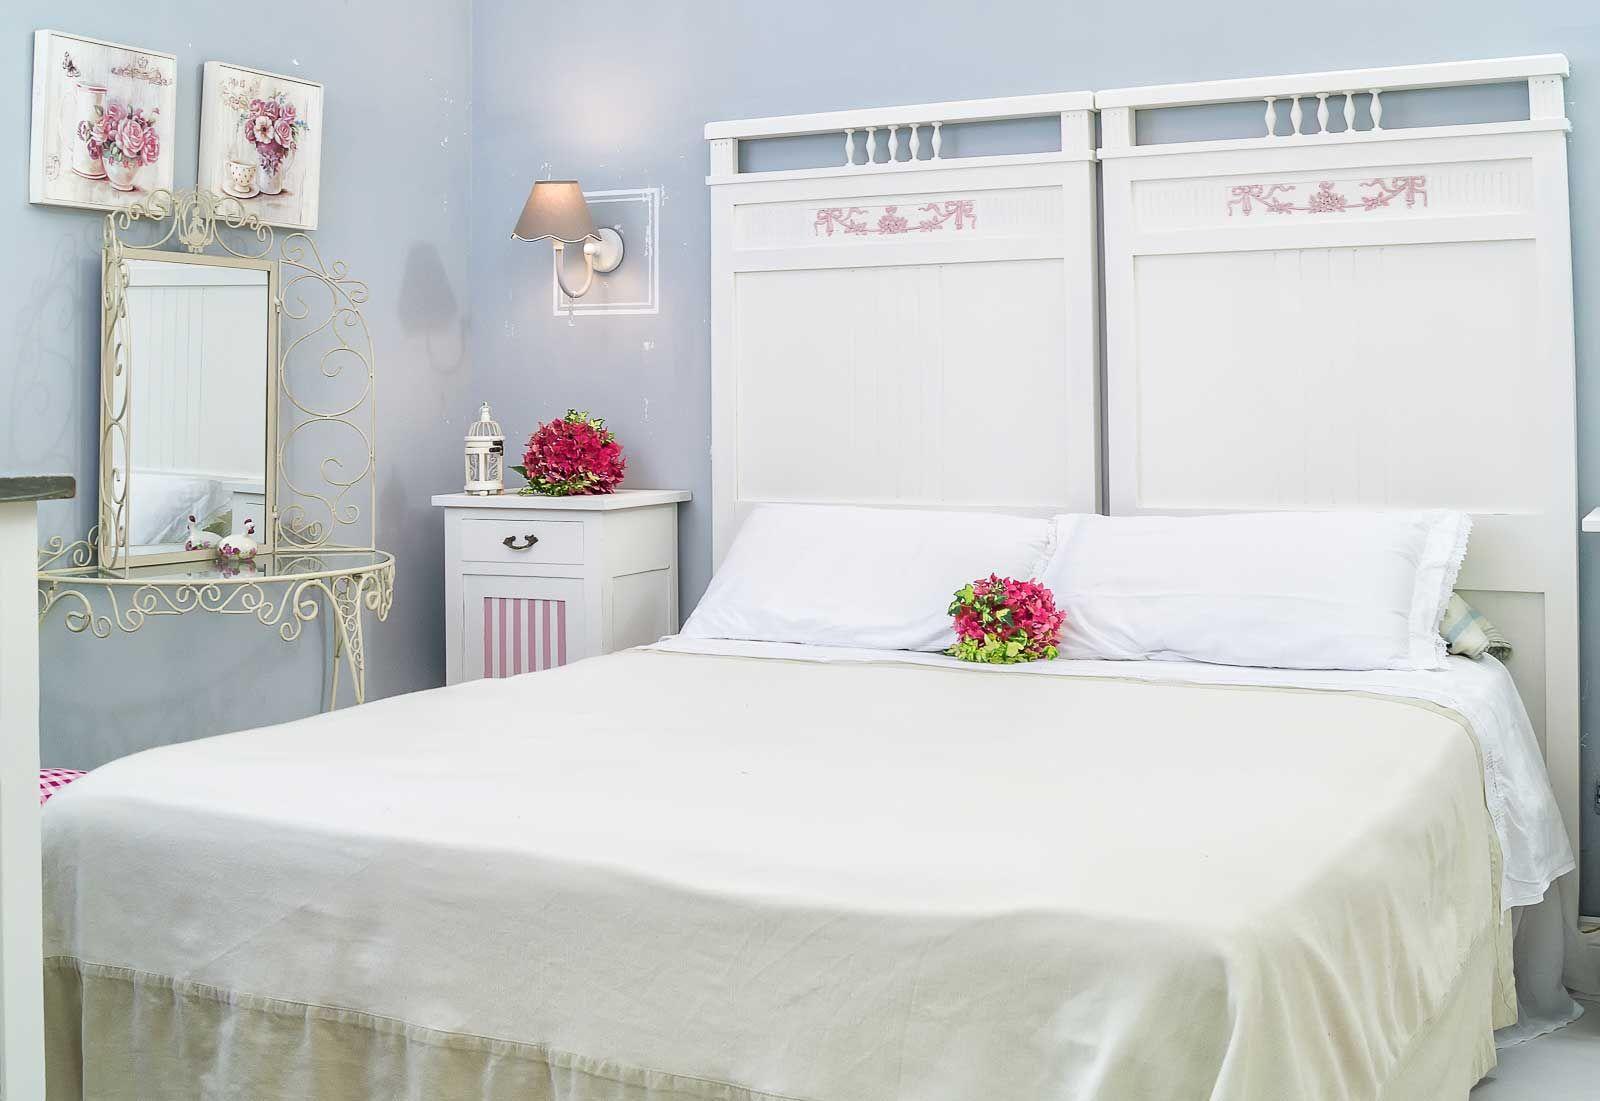 Letti Matrimoniali Shabby Chic : Camera da letto matrimoniale shabby chic restyling mobili shabby